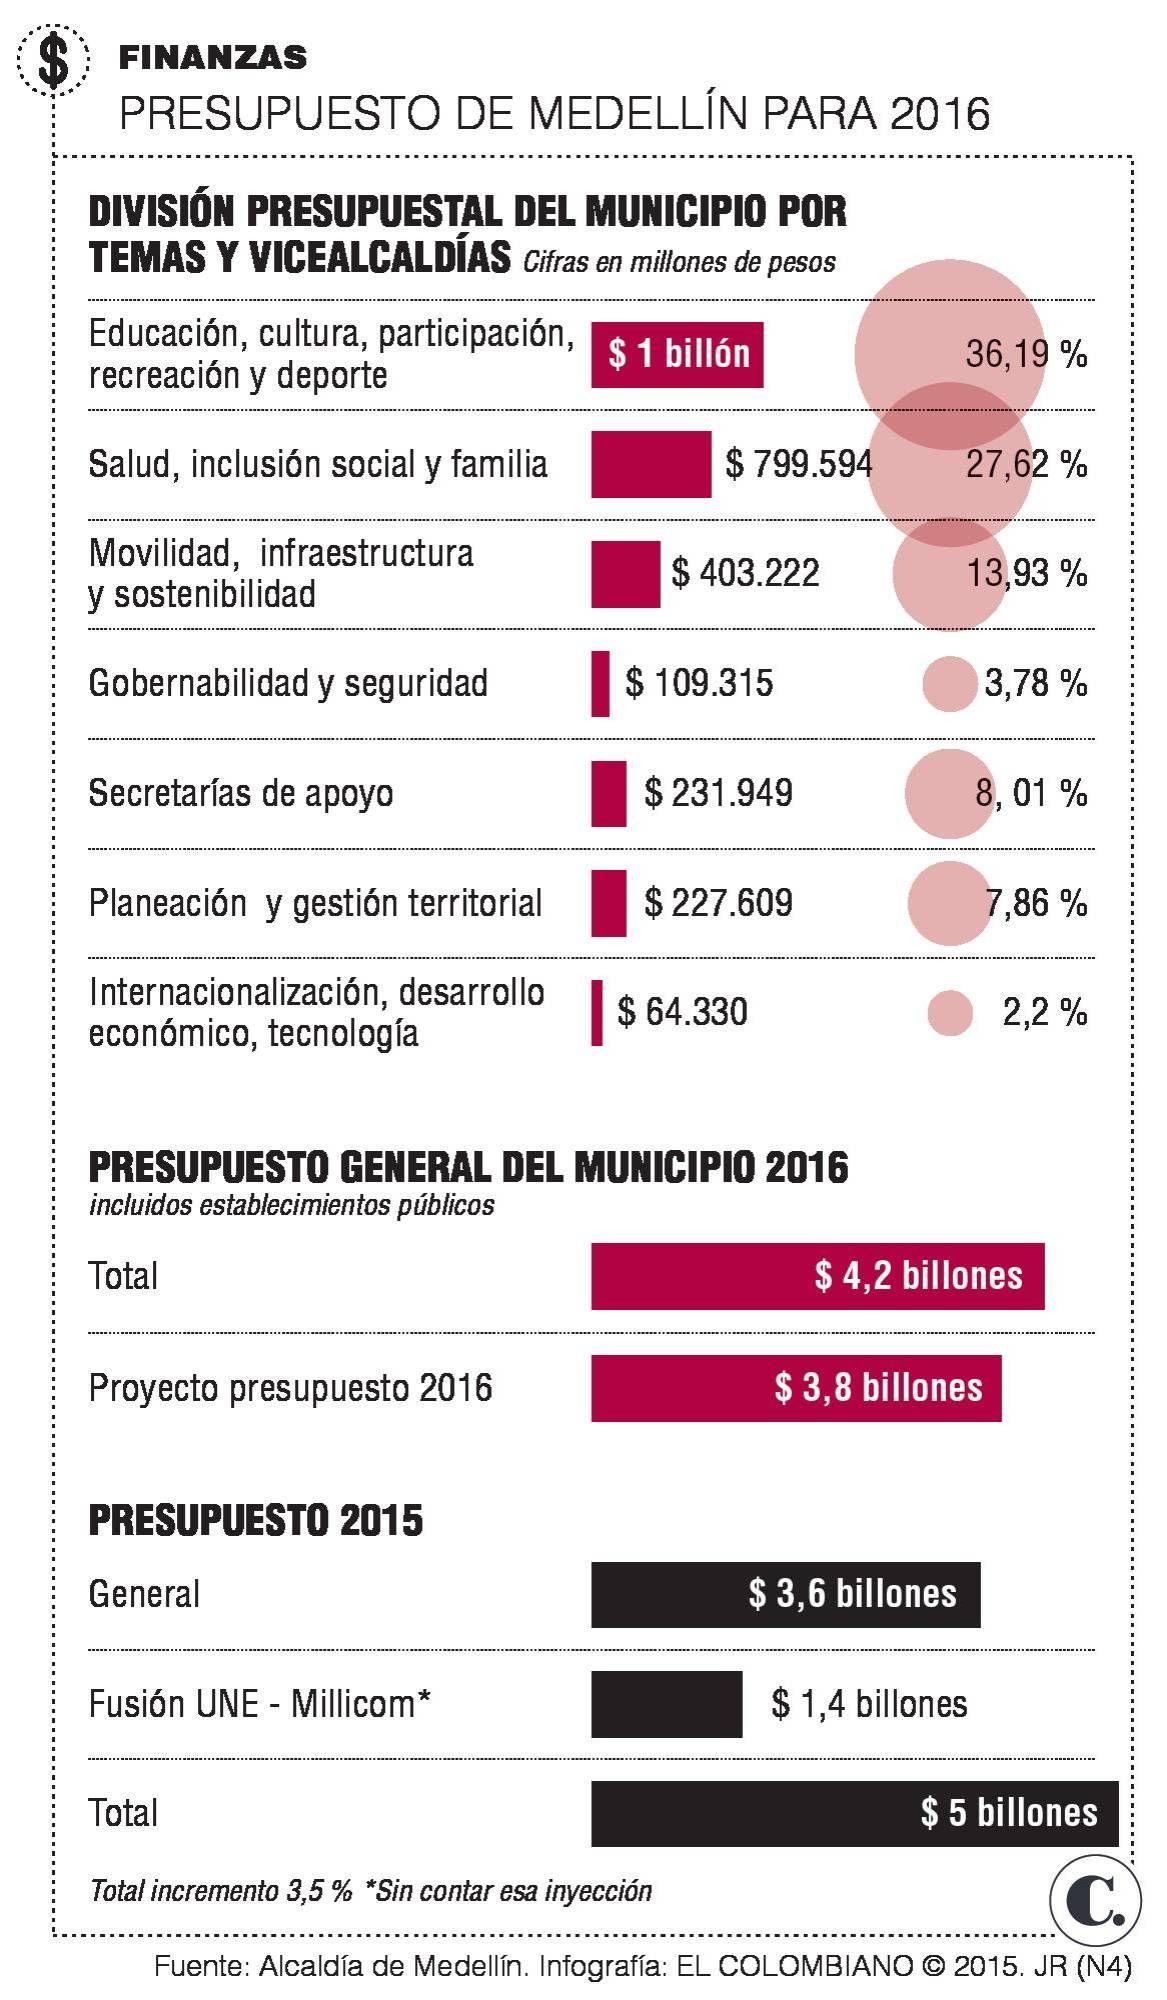 Presupuesto de Medellín priorizará la educación